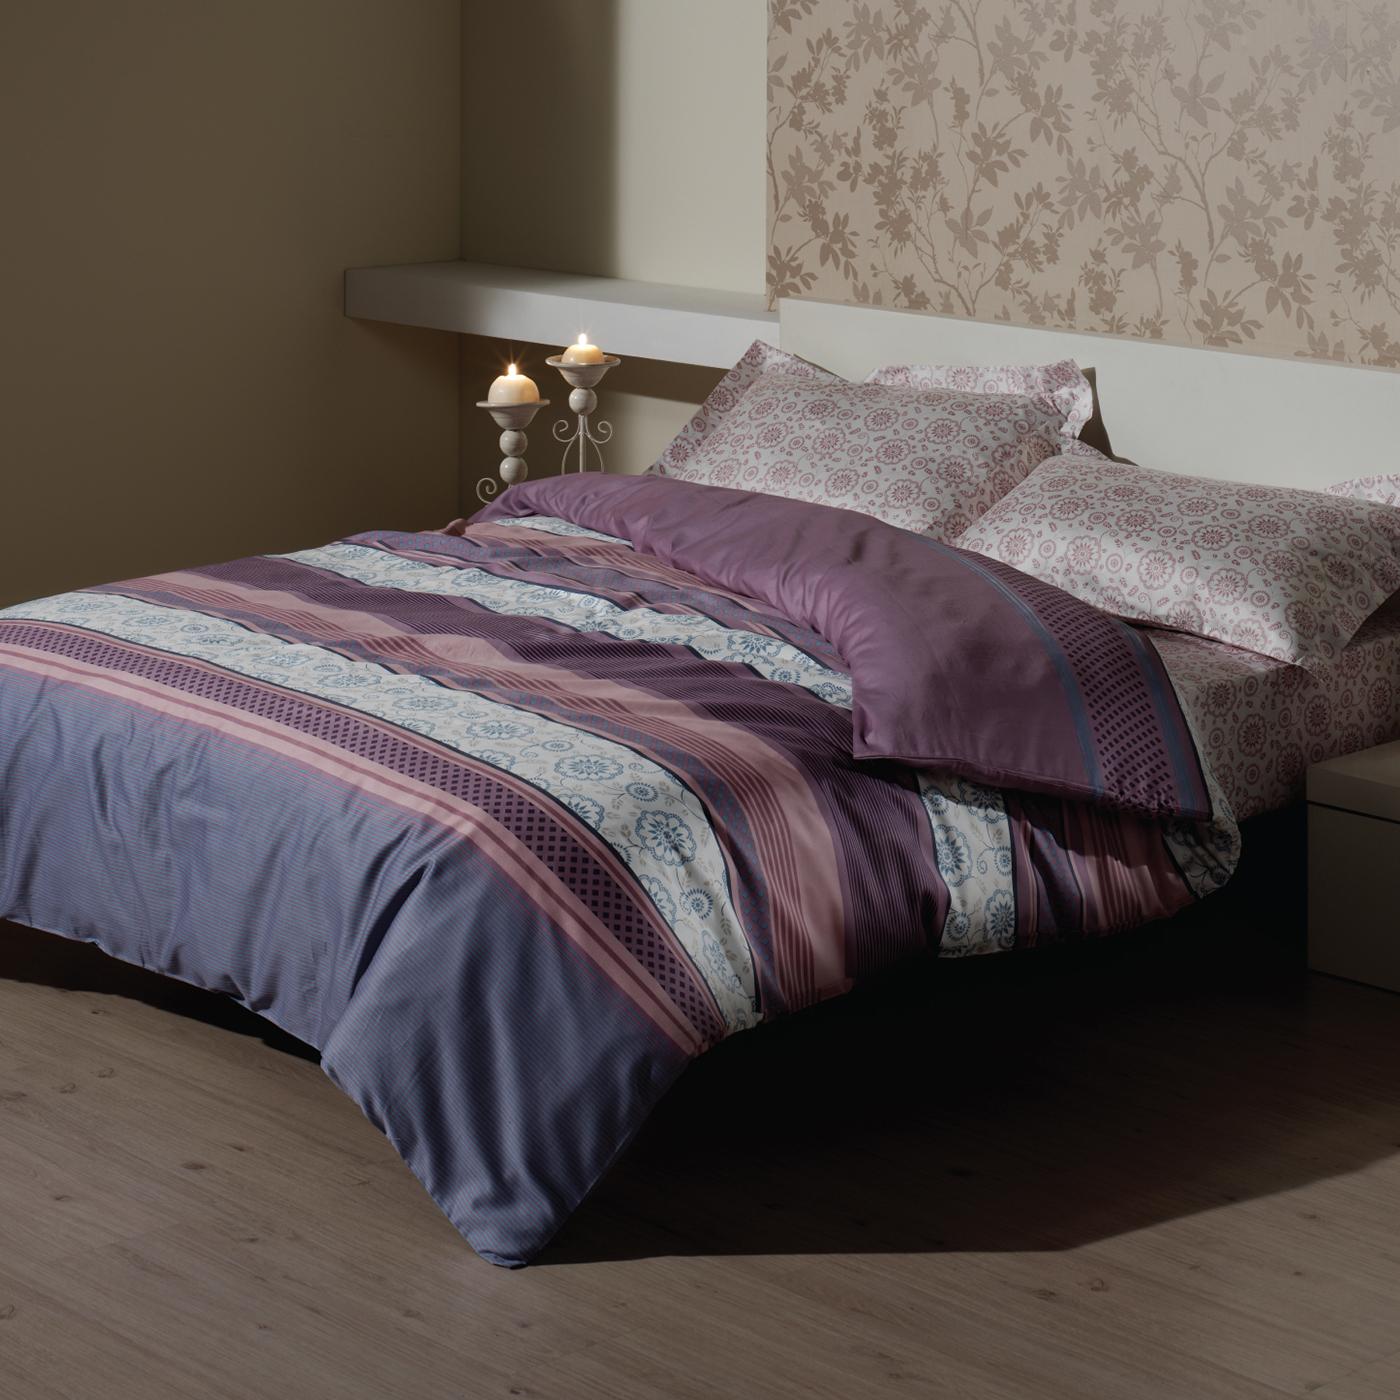 Купить Комплект постельного белья Snowdrop Rose Euro, inmyroom, Турция